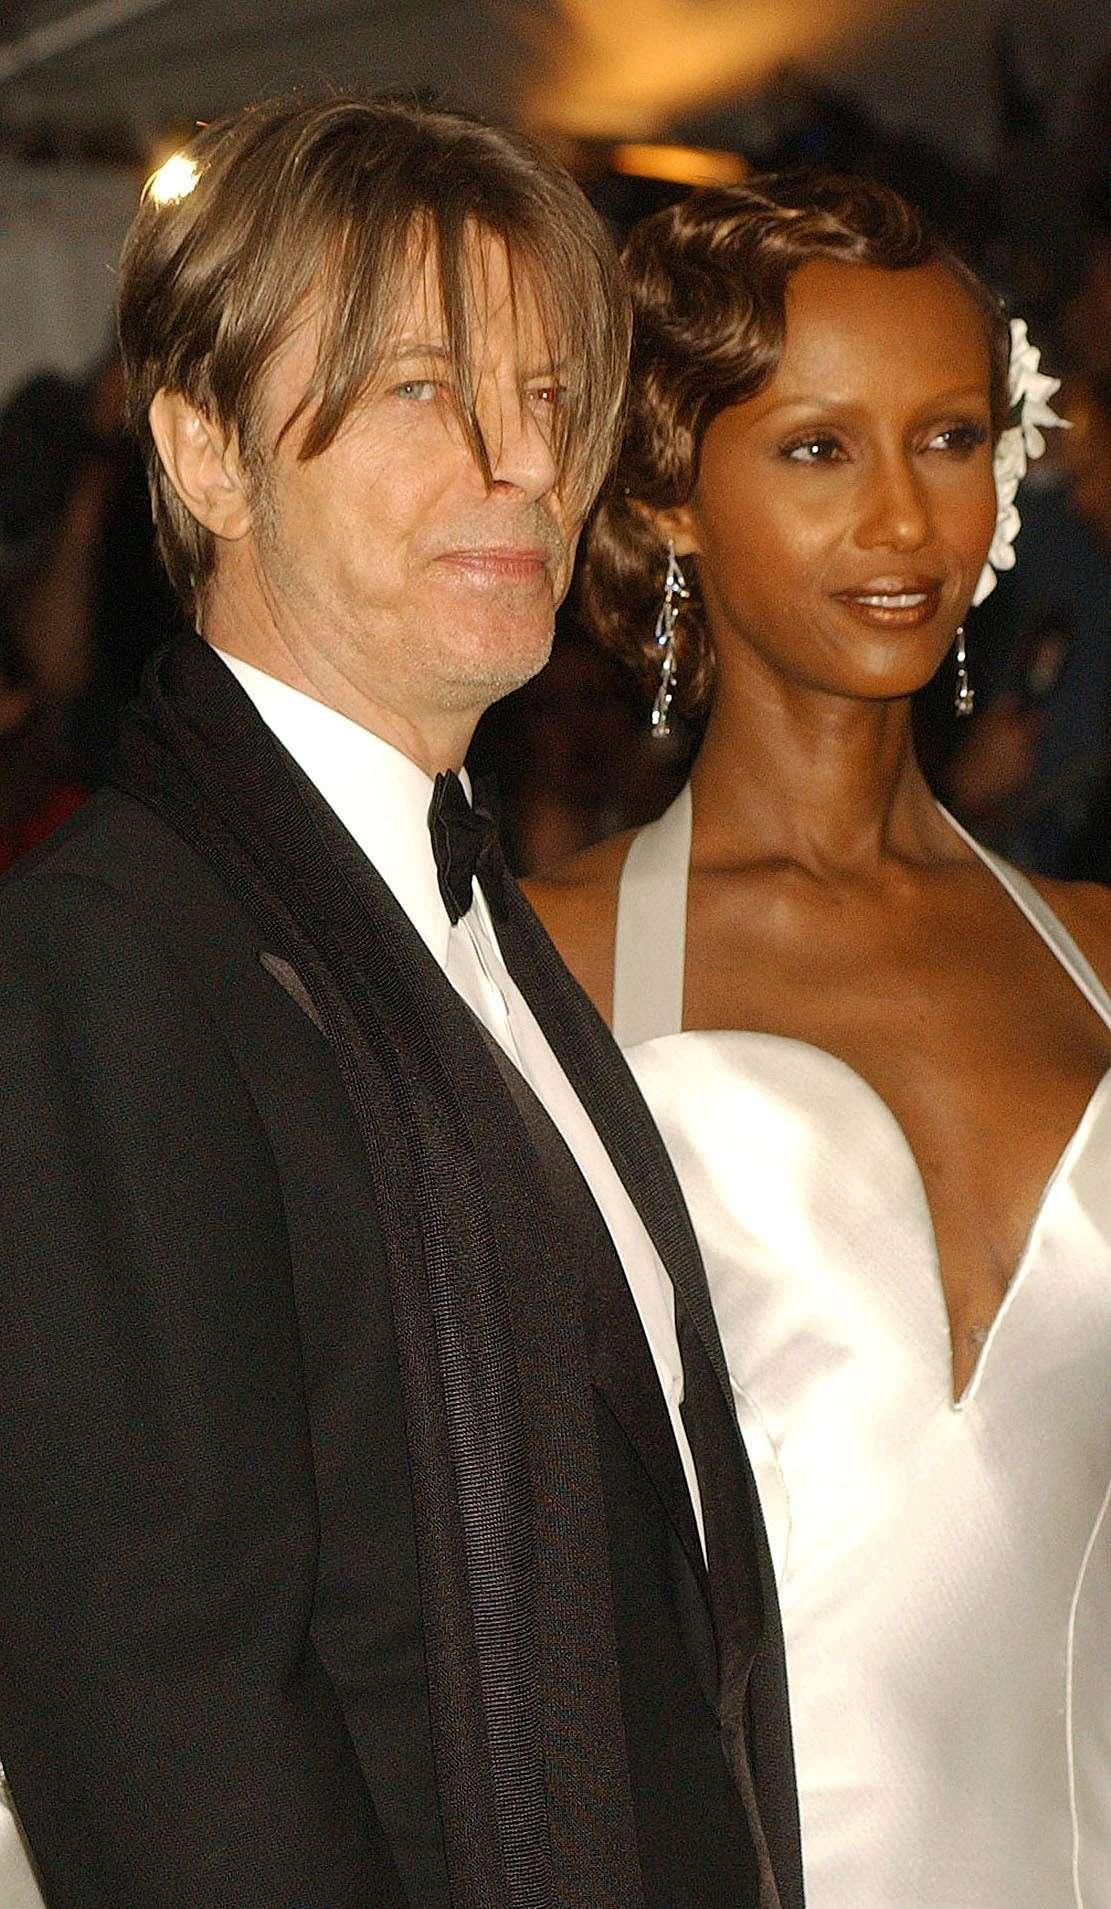 Abito classico e scuro per il Duca Bianco, outfit white per la moglie